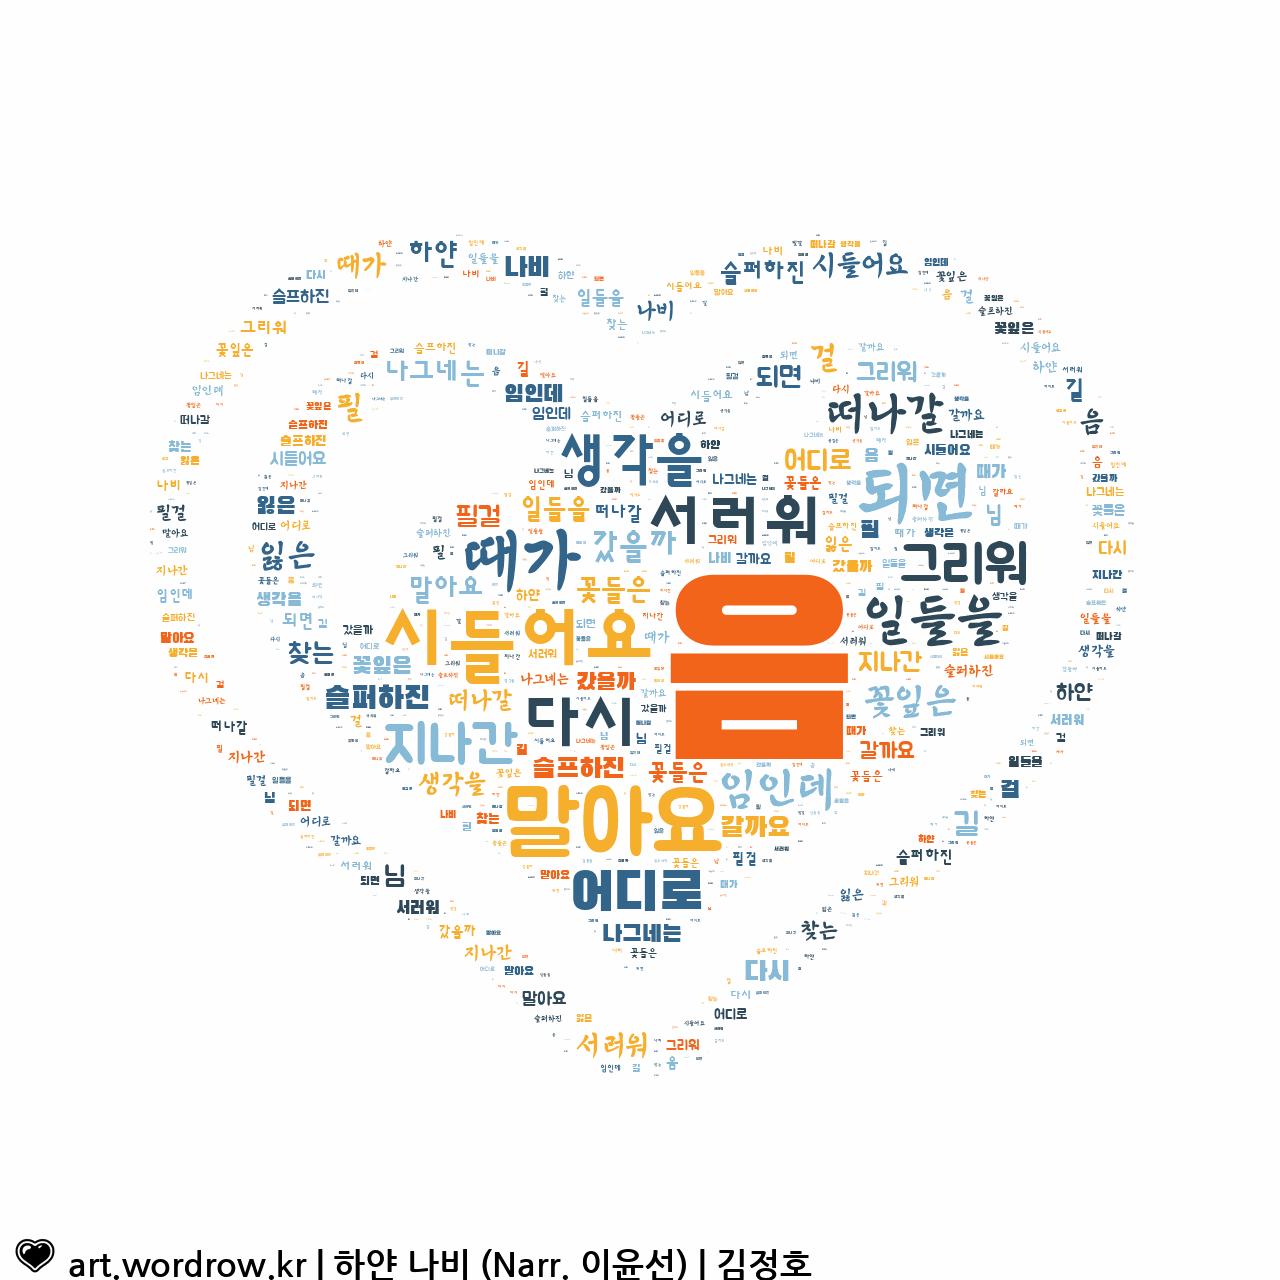 워드 아트: 하얀 나비 (Narr. 이윤선) [김정호]-36